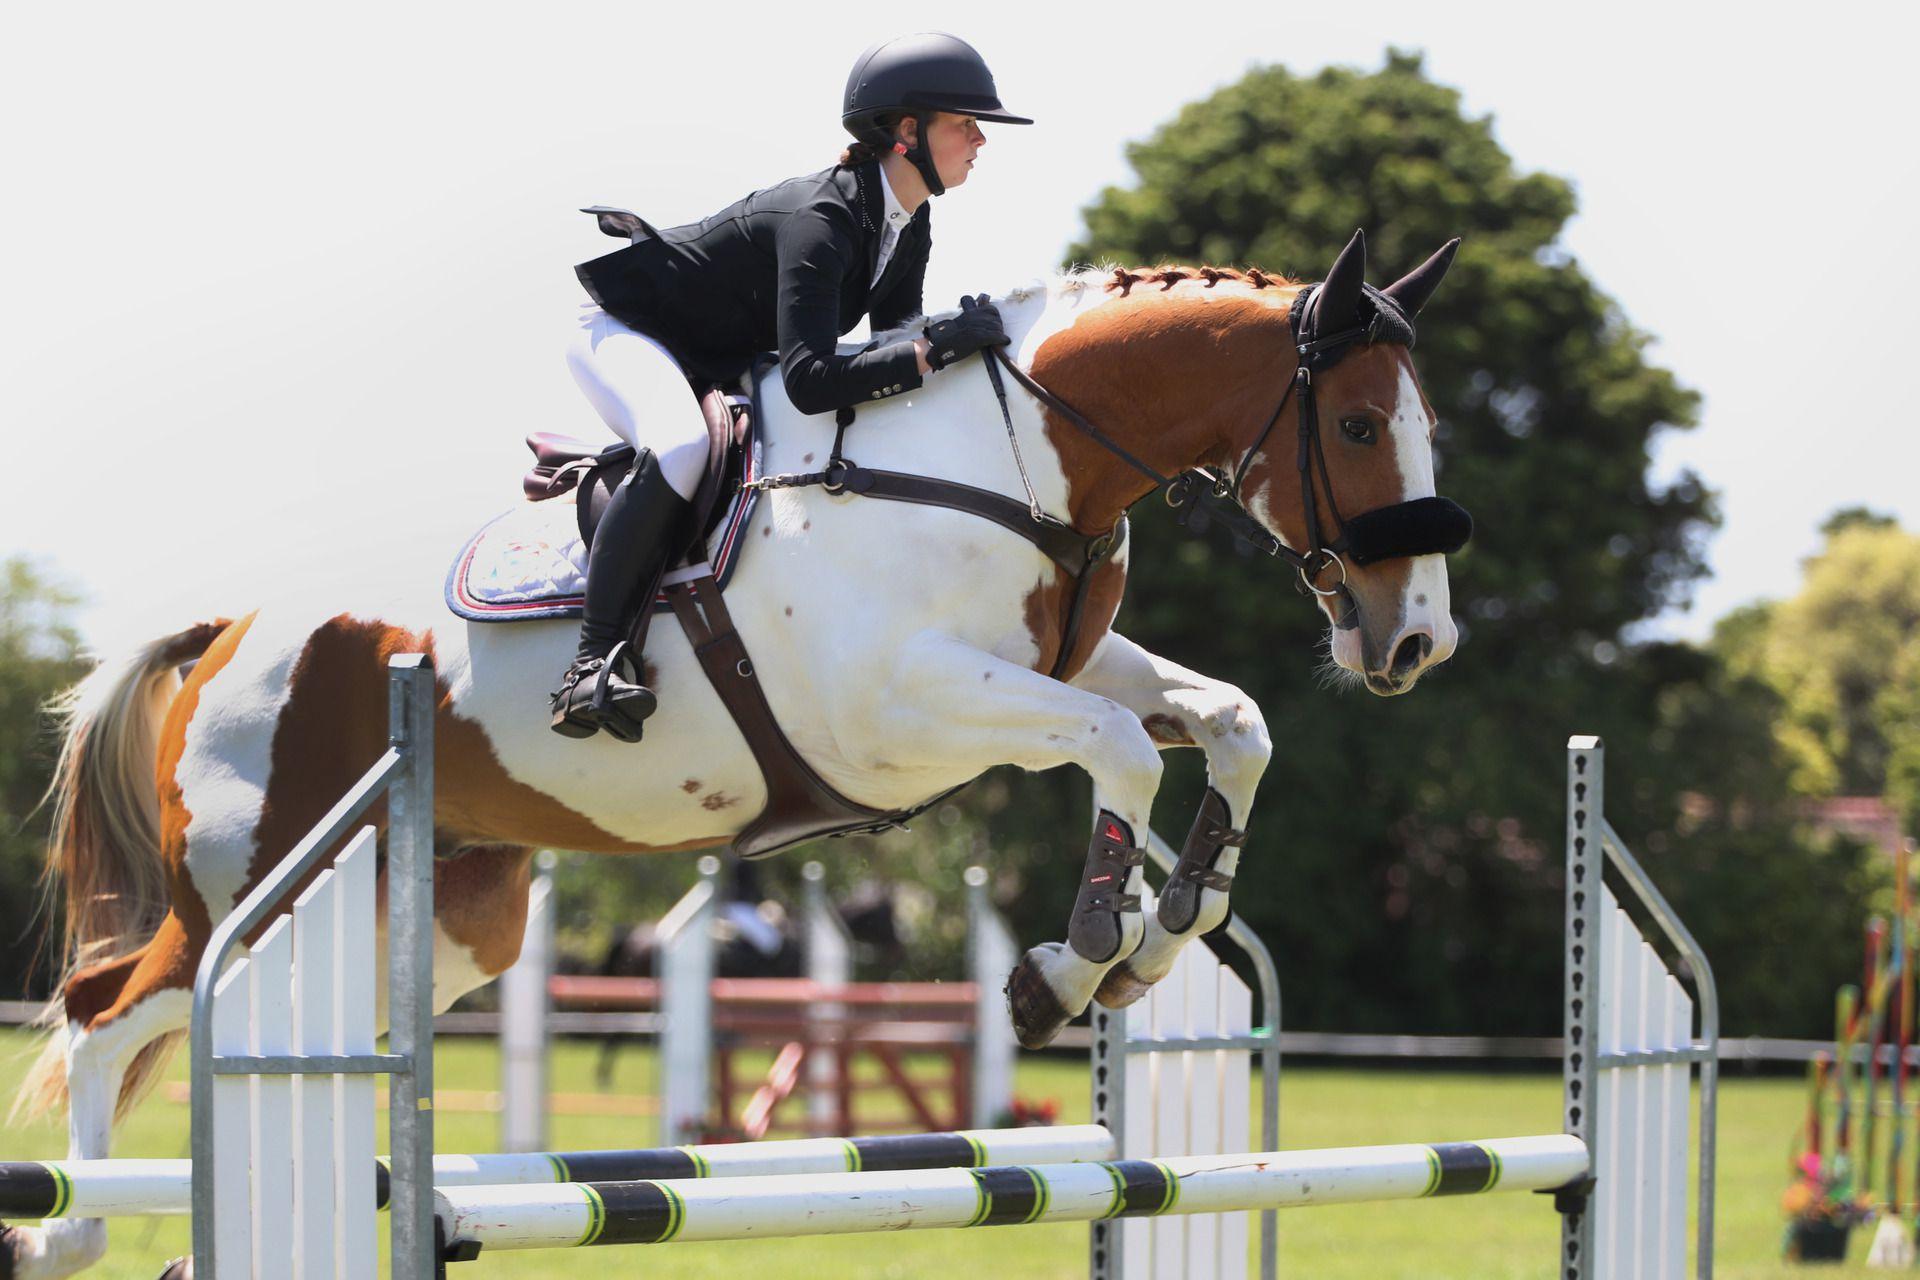 Zeena and her horse